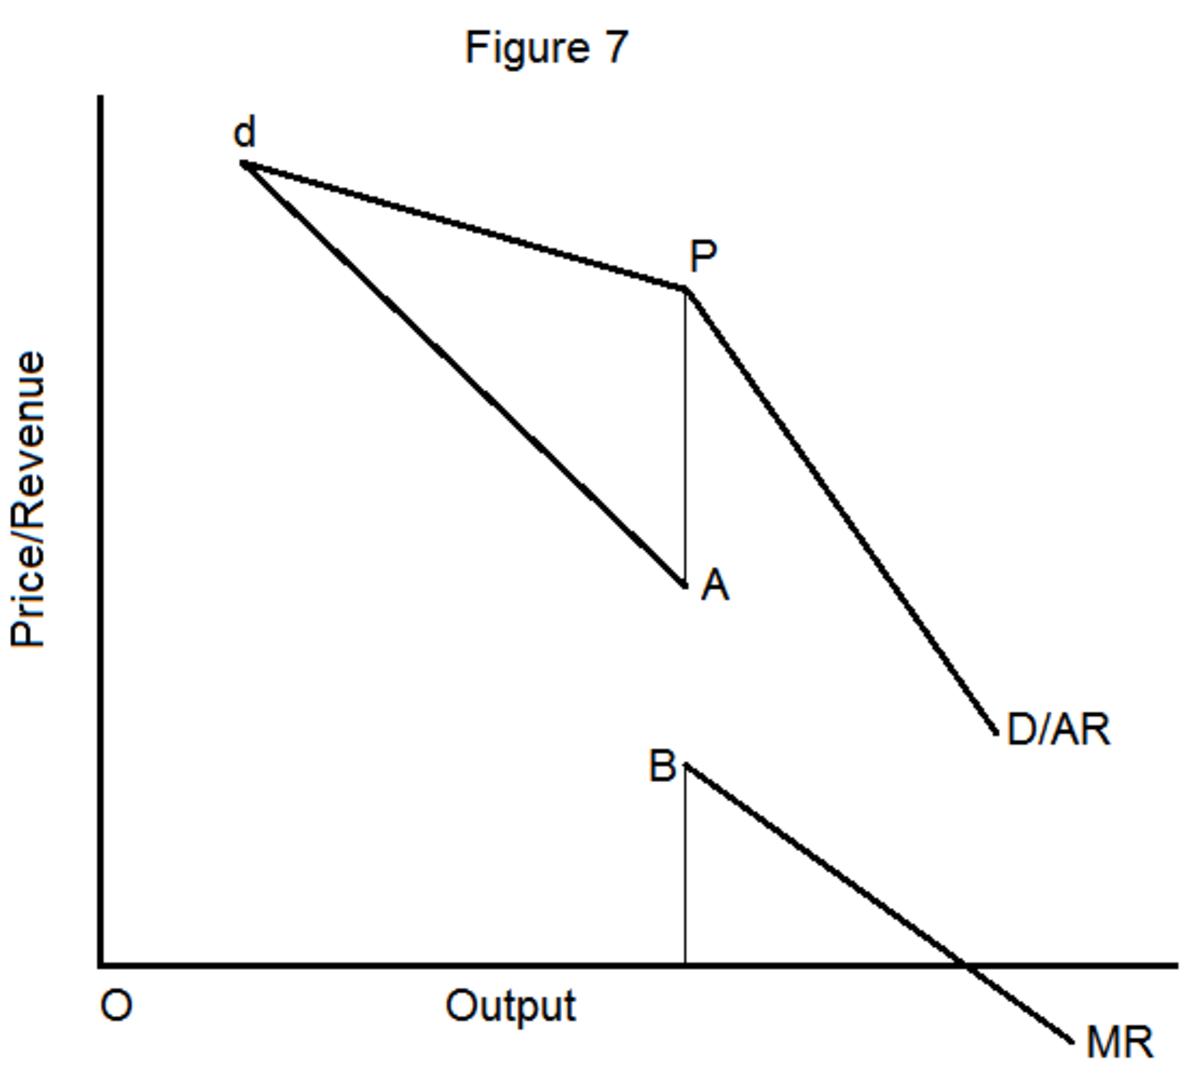 marginal revenue and price elasticity of demand